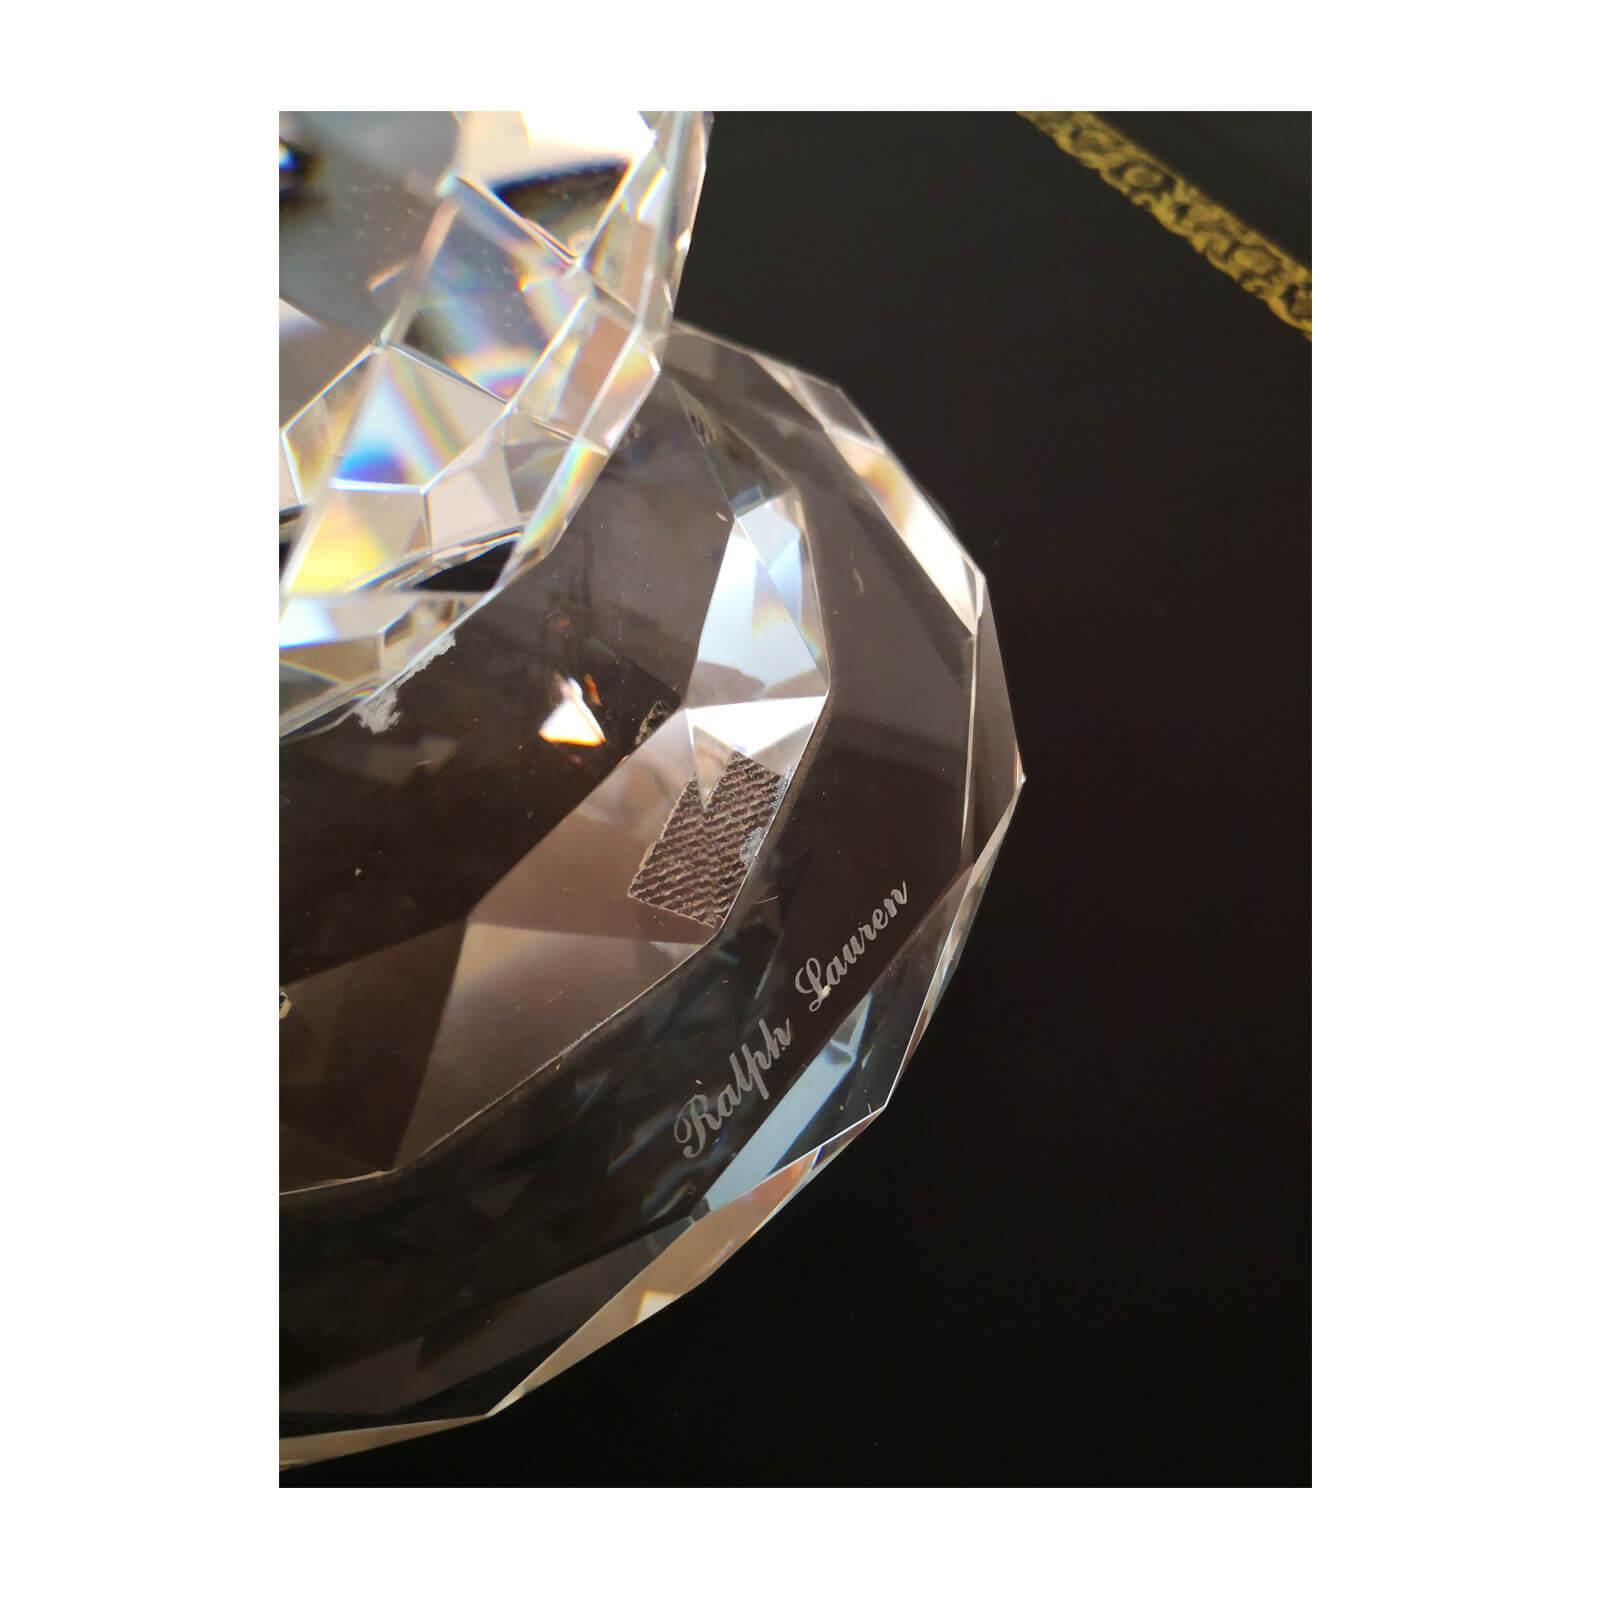 Ralph Lauren Daniela cut crystal lamps (pair)